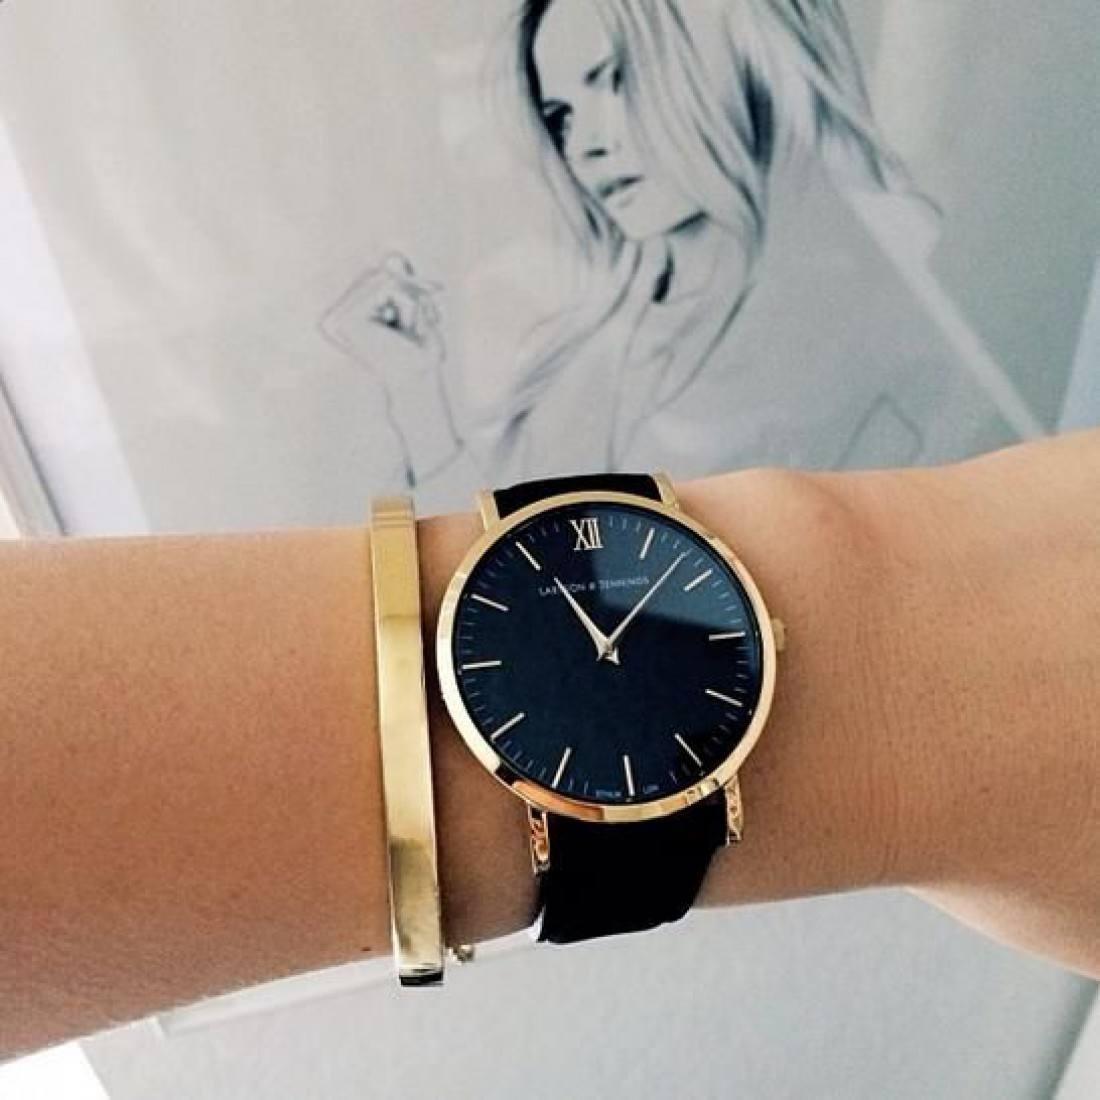 Модні годинники 2018 рясніють моделями в мінімалістичному стилі. Незважаючи  на відсутність оригінального декору f08d0f2051822